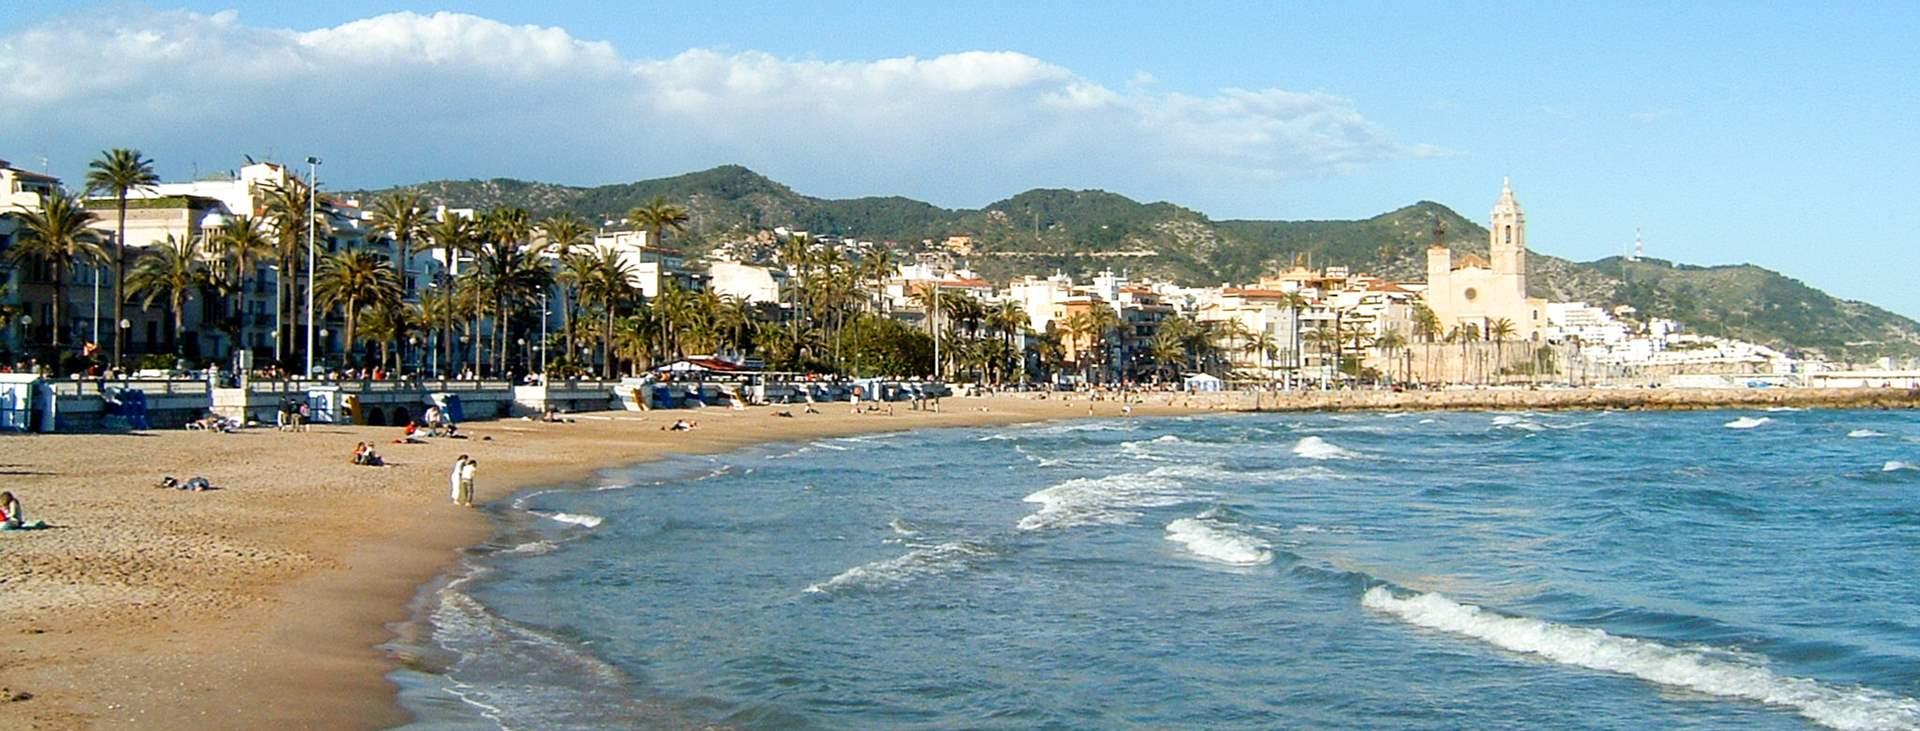 Resor till Sitges på Costa Dorada i Spanien